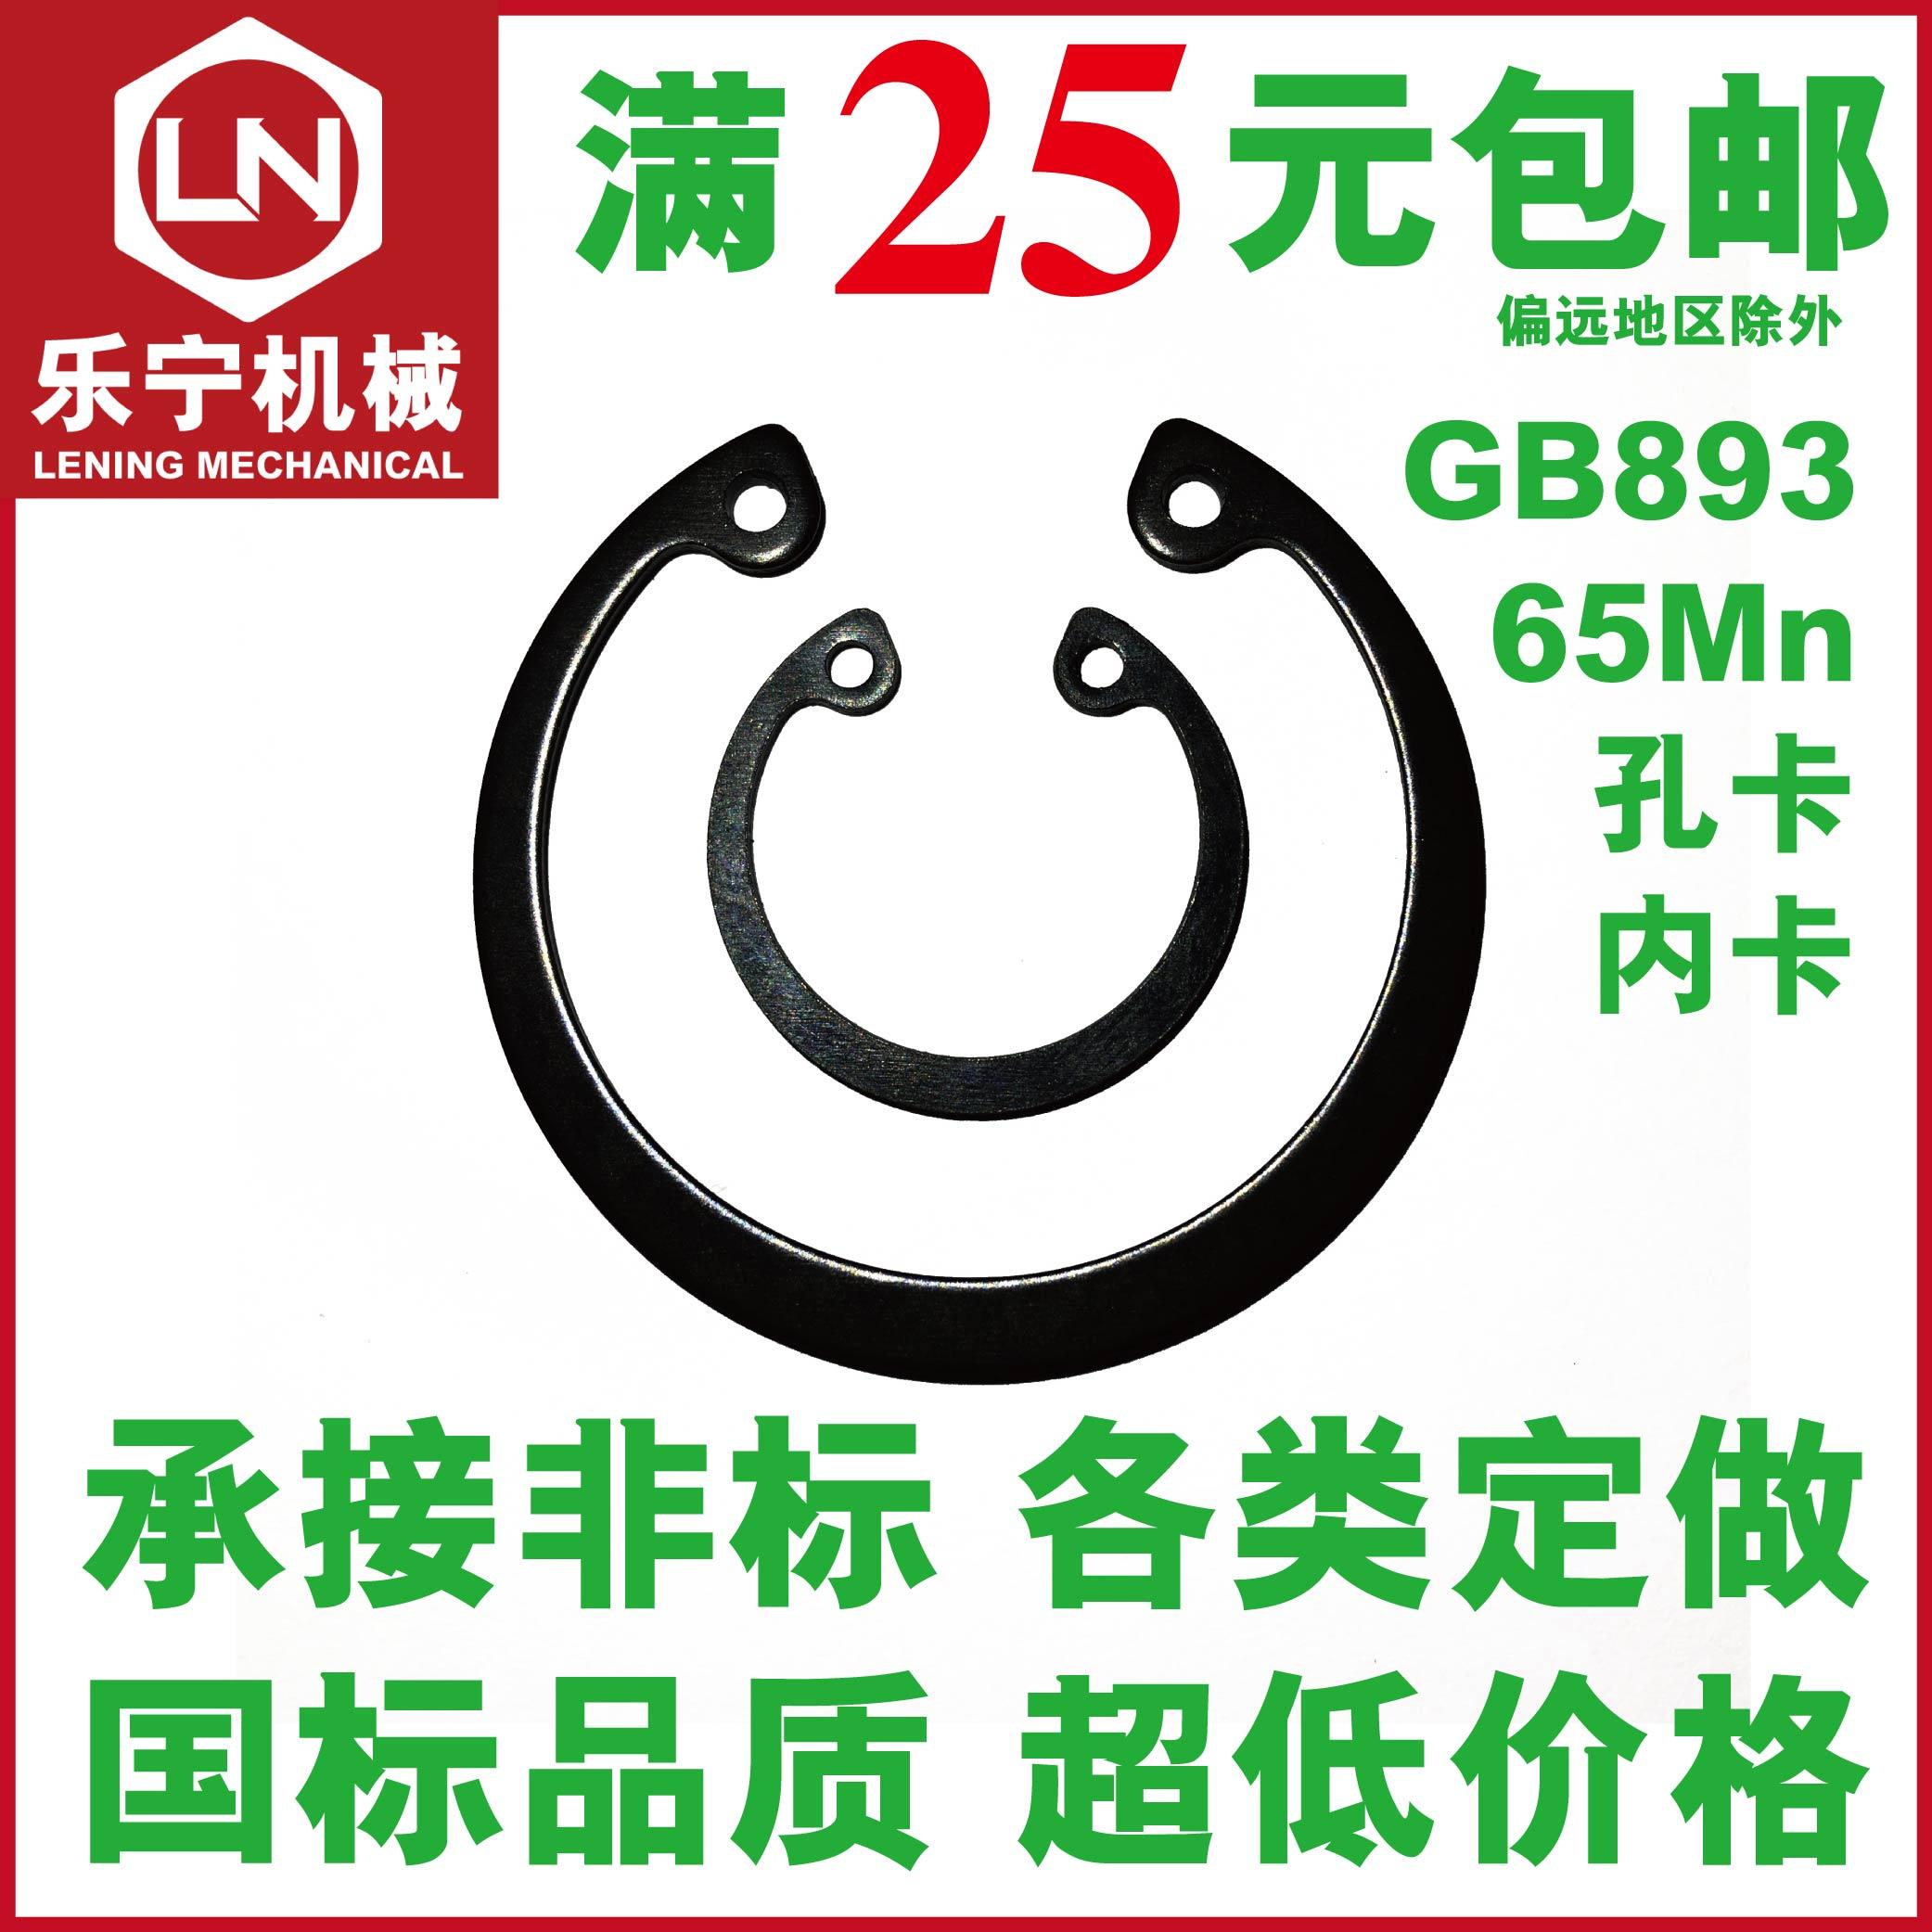 65锰钢GB893孔用挡圈内卡弹性卡簧孔卡环M78910111213 202225~200